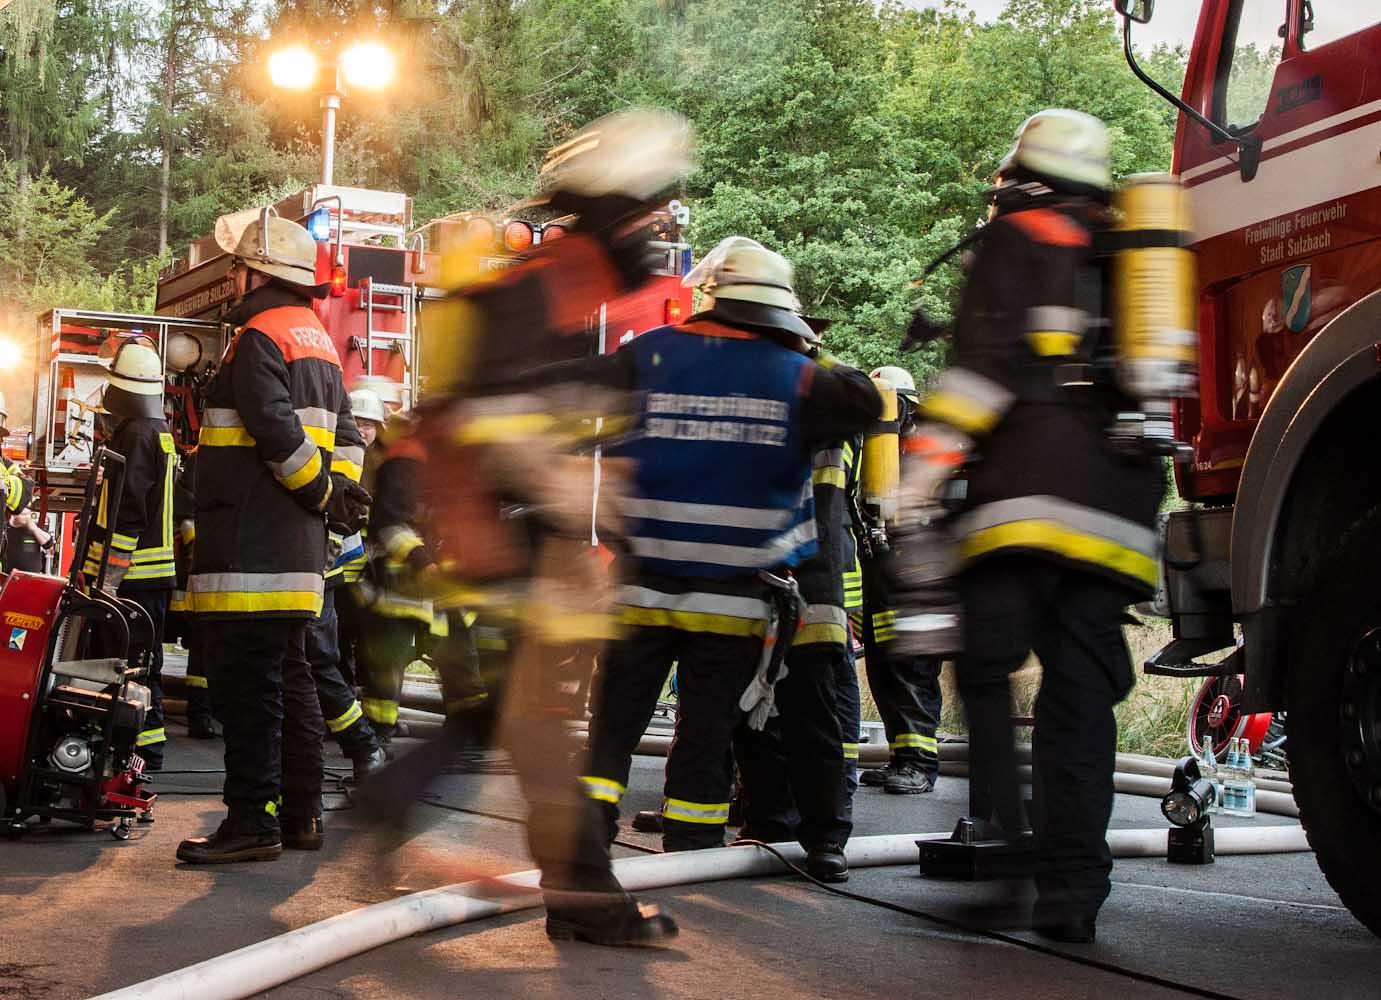 Feuerwehr Sulzbach Hier geht es rund